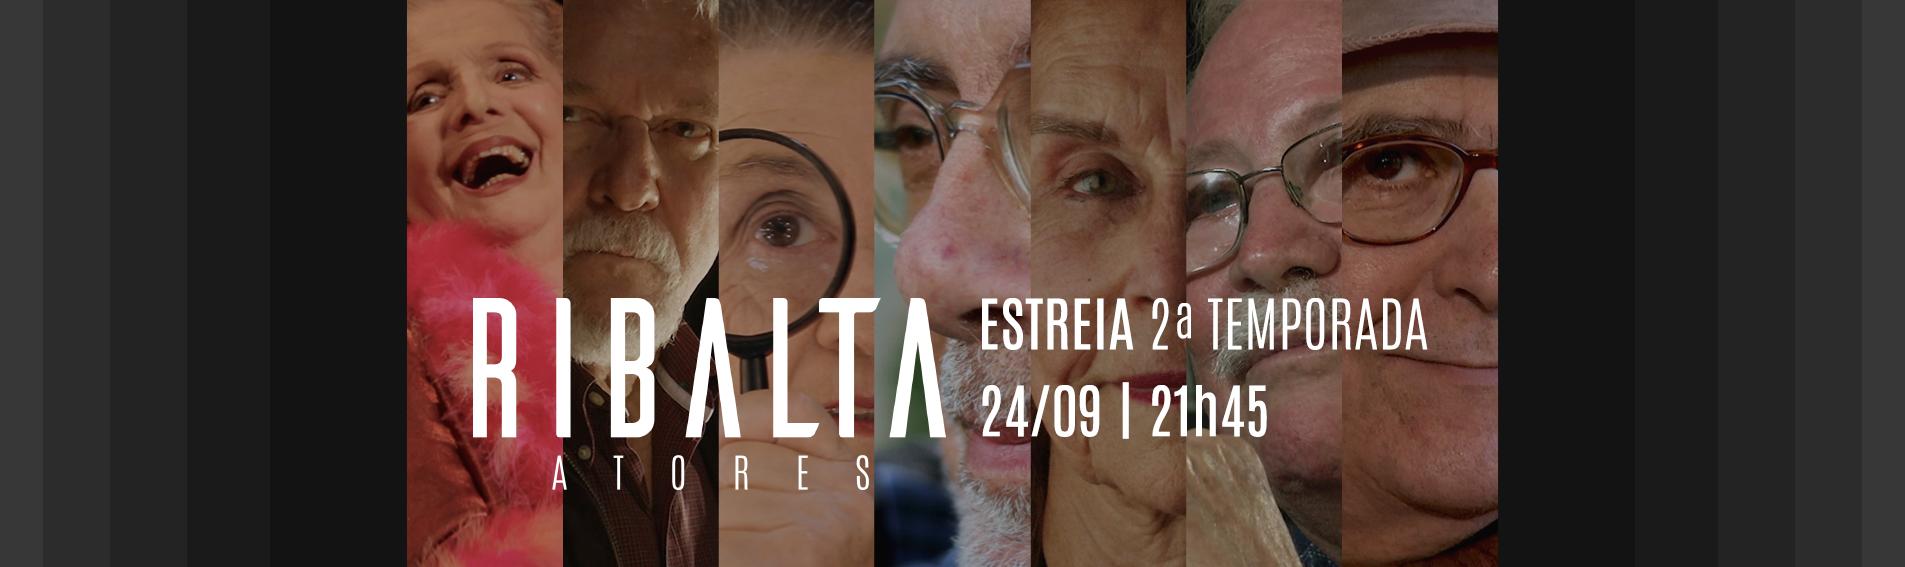 banner_ribalta_segunda_temporada-site